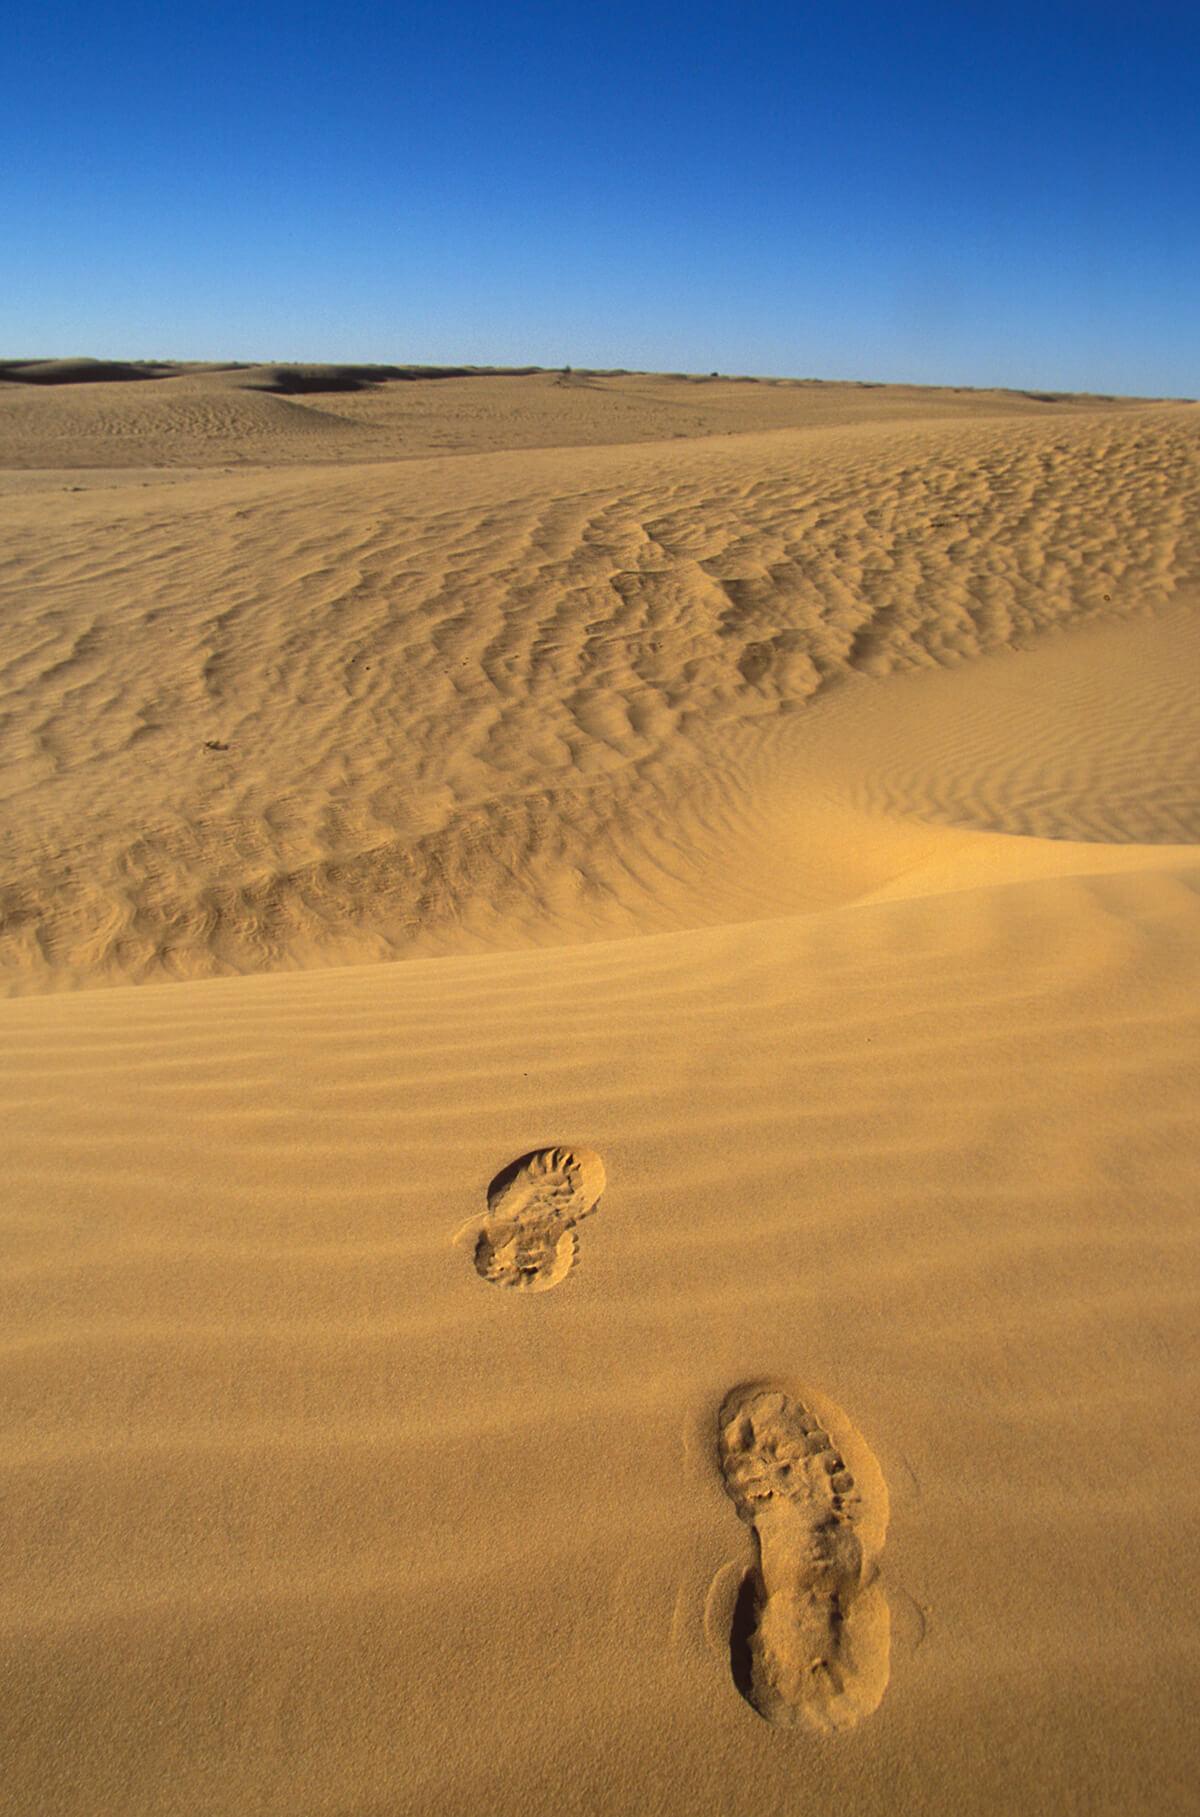 LifeViews-Photographie-Paysage-Afrique009